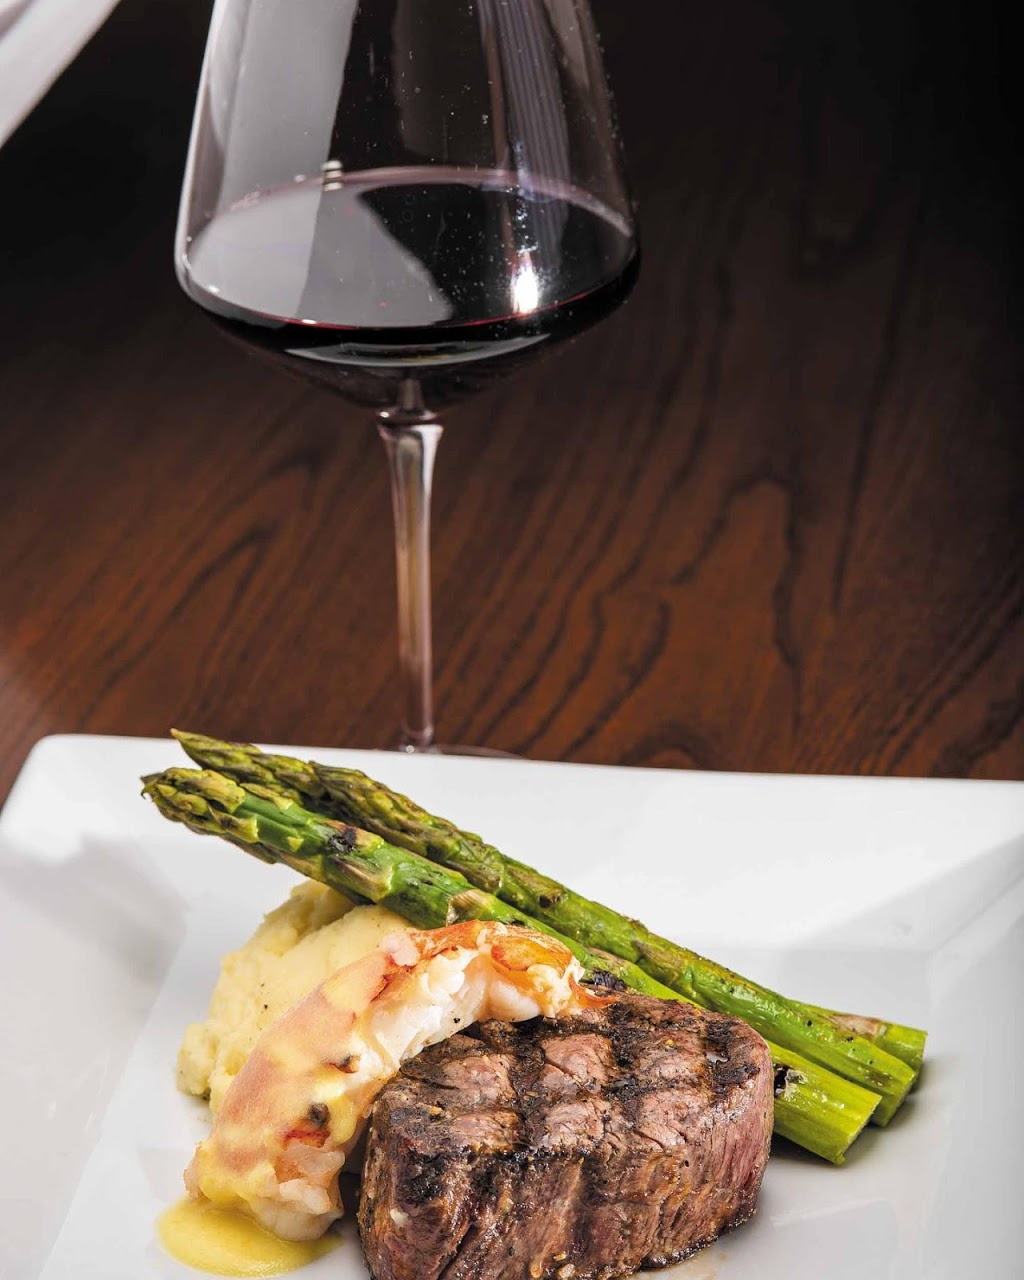 Oscars Oceanside   restaurant   2613 Atlantic Ave, Virginia Beach, VA 23451, USA   7575245448 OR +1 757-524-5448